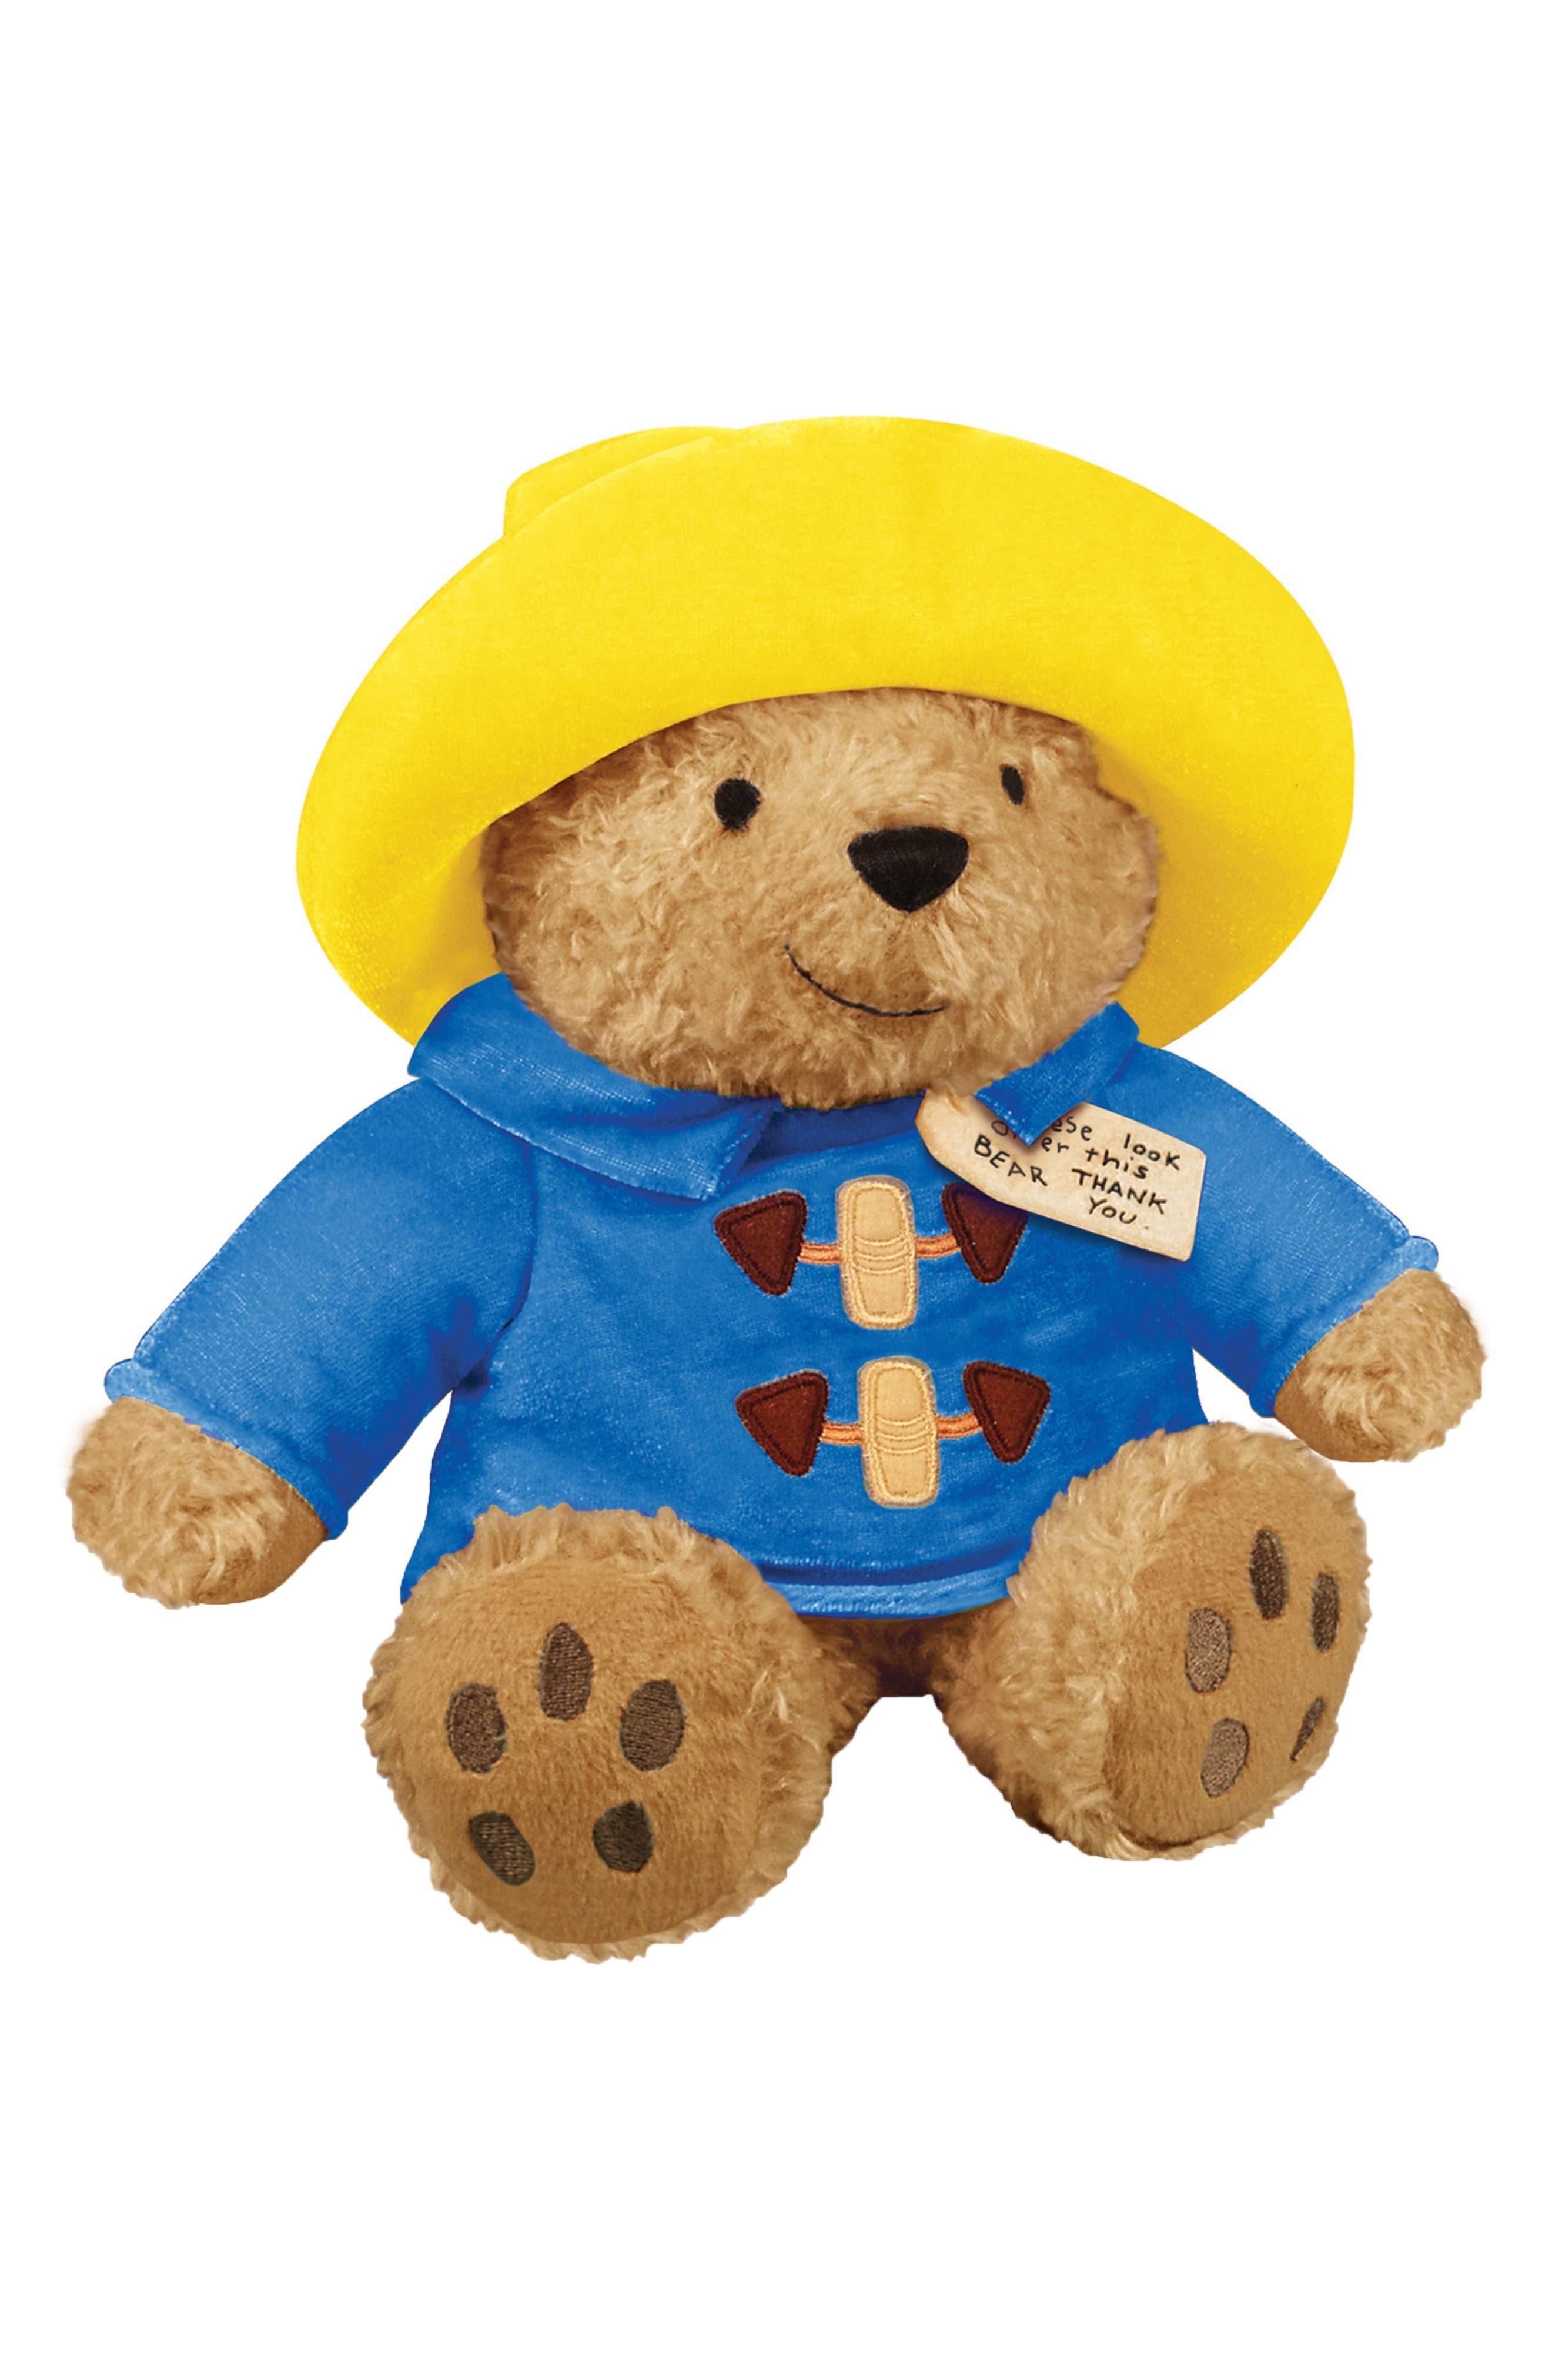 Main Image - yOttOy My Friend Paddington Stuffed Toy